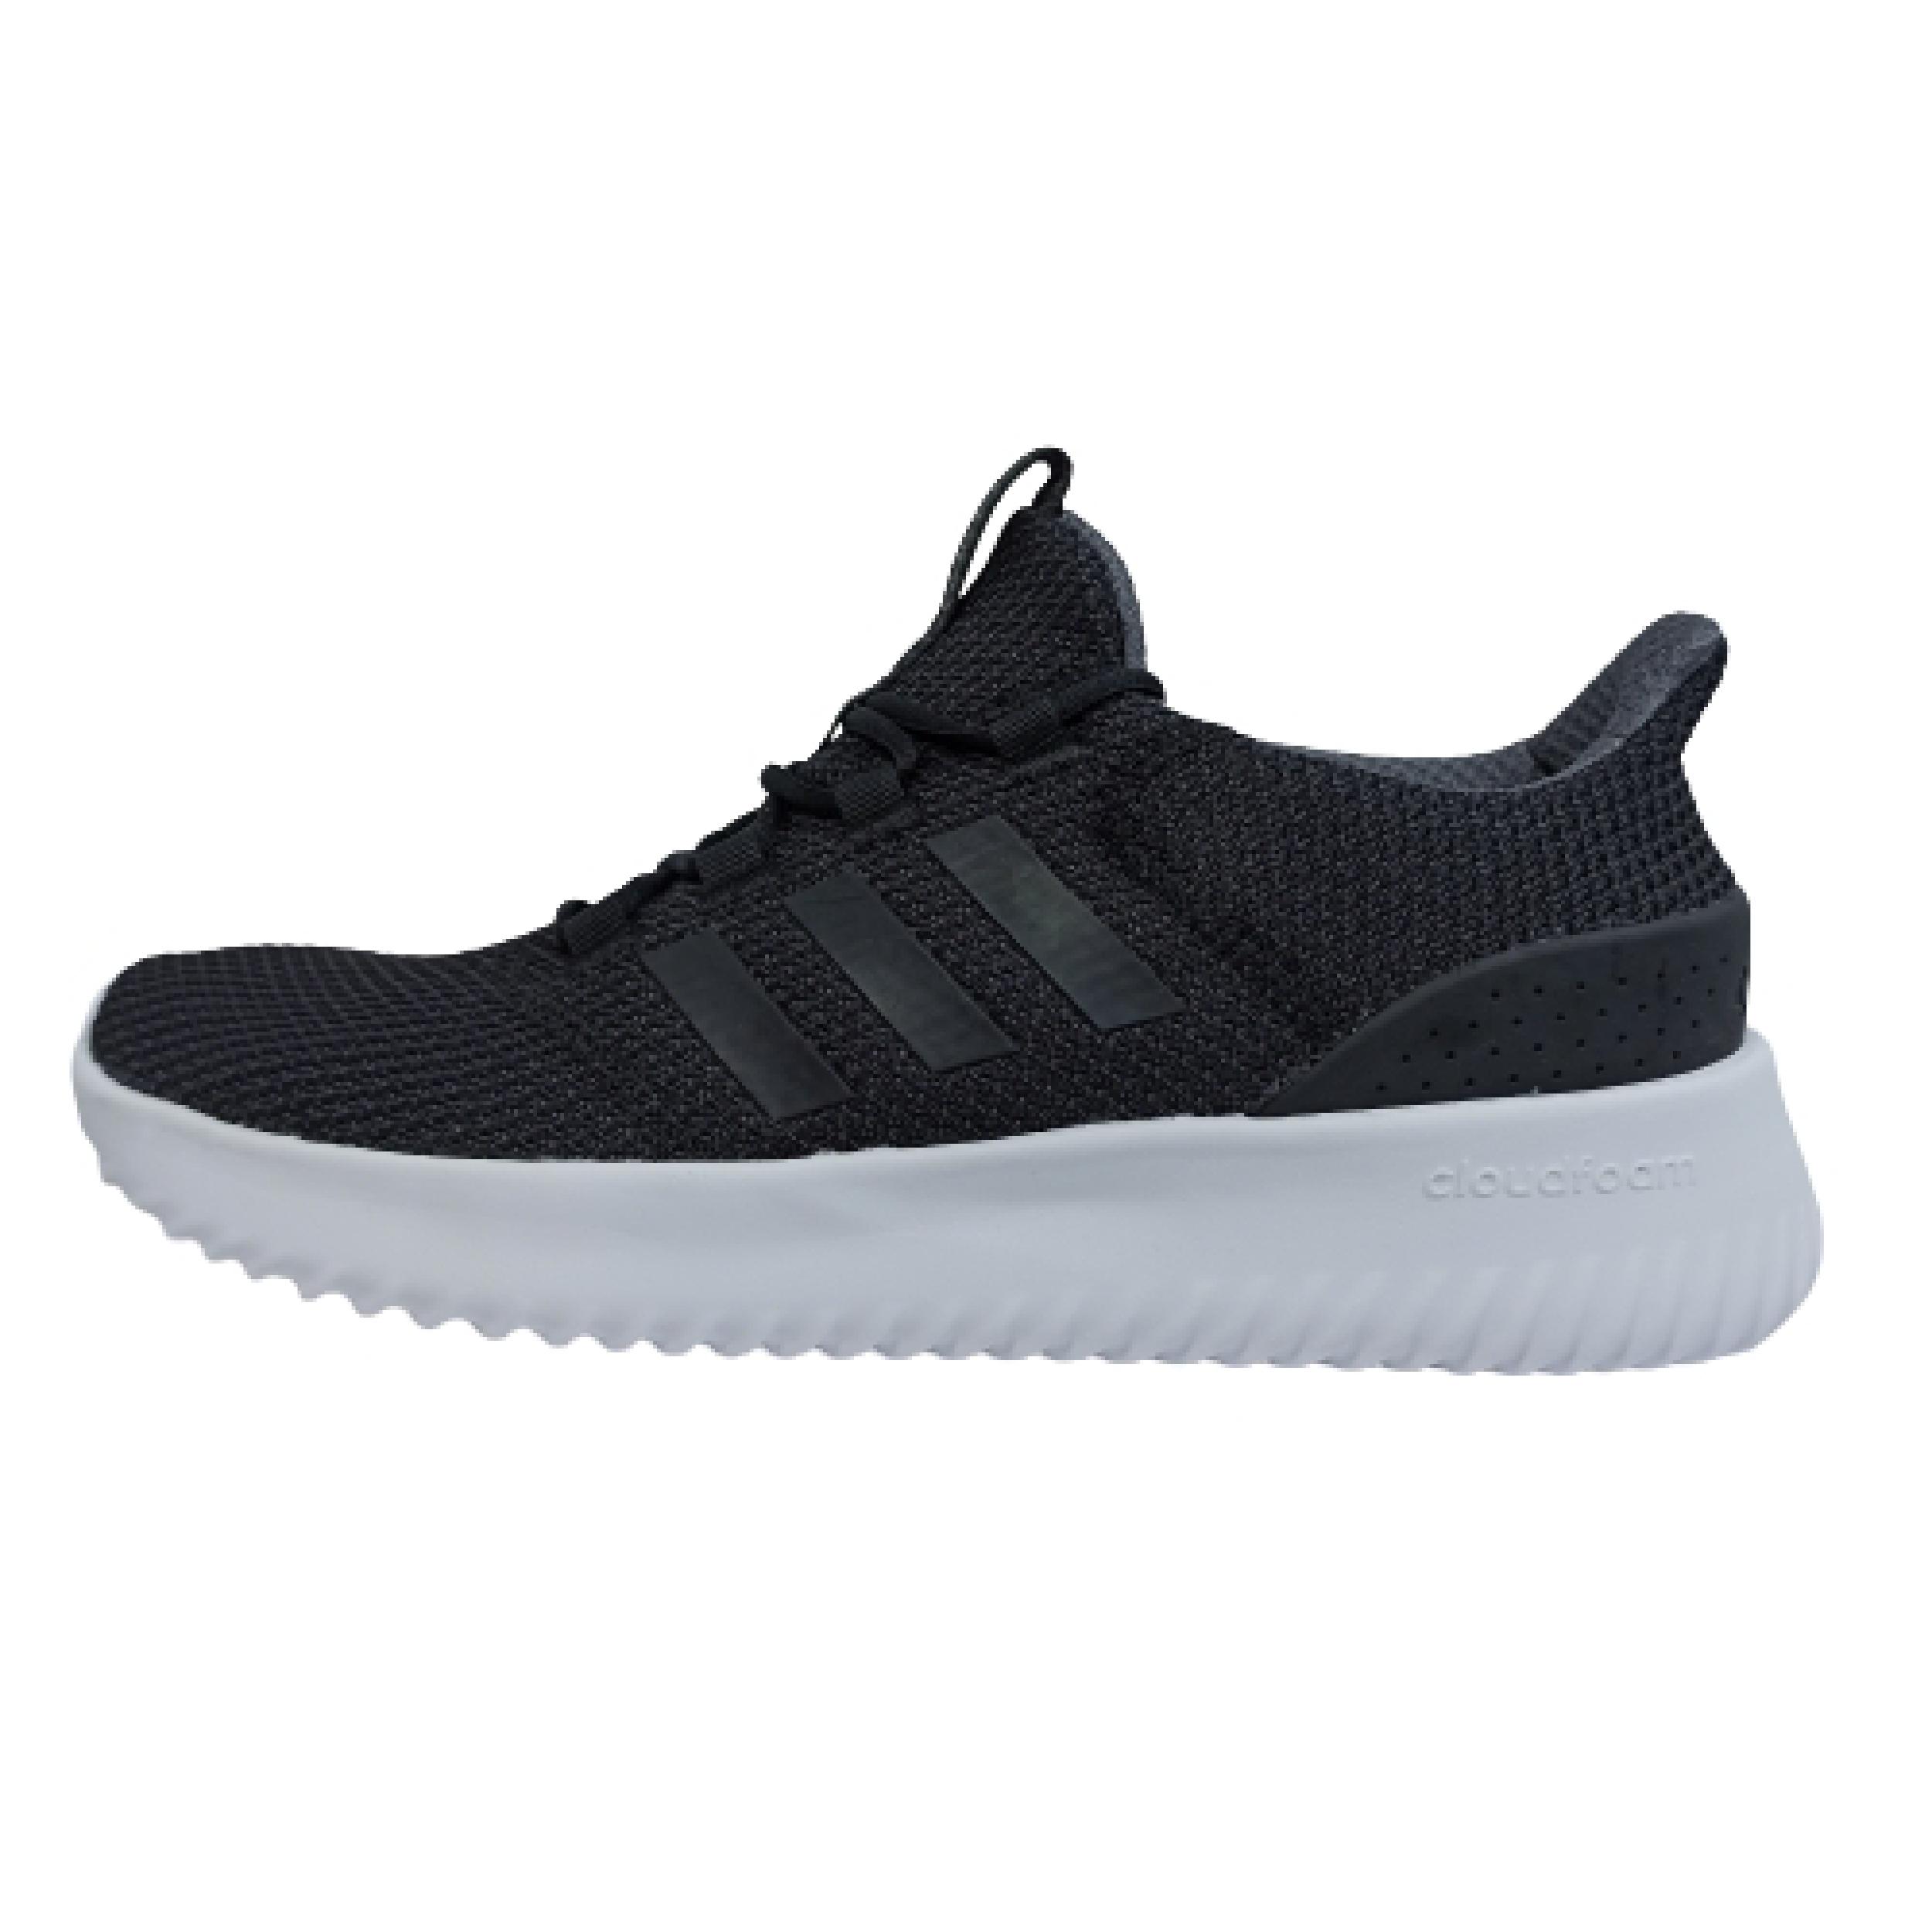 کفش مخصوص دویدن مردانه آدیداس مدل CG5800             , خرید اینترنتی